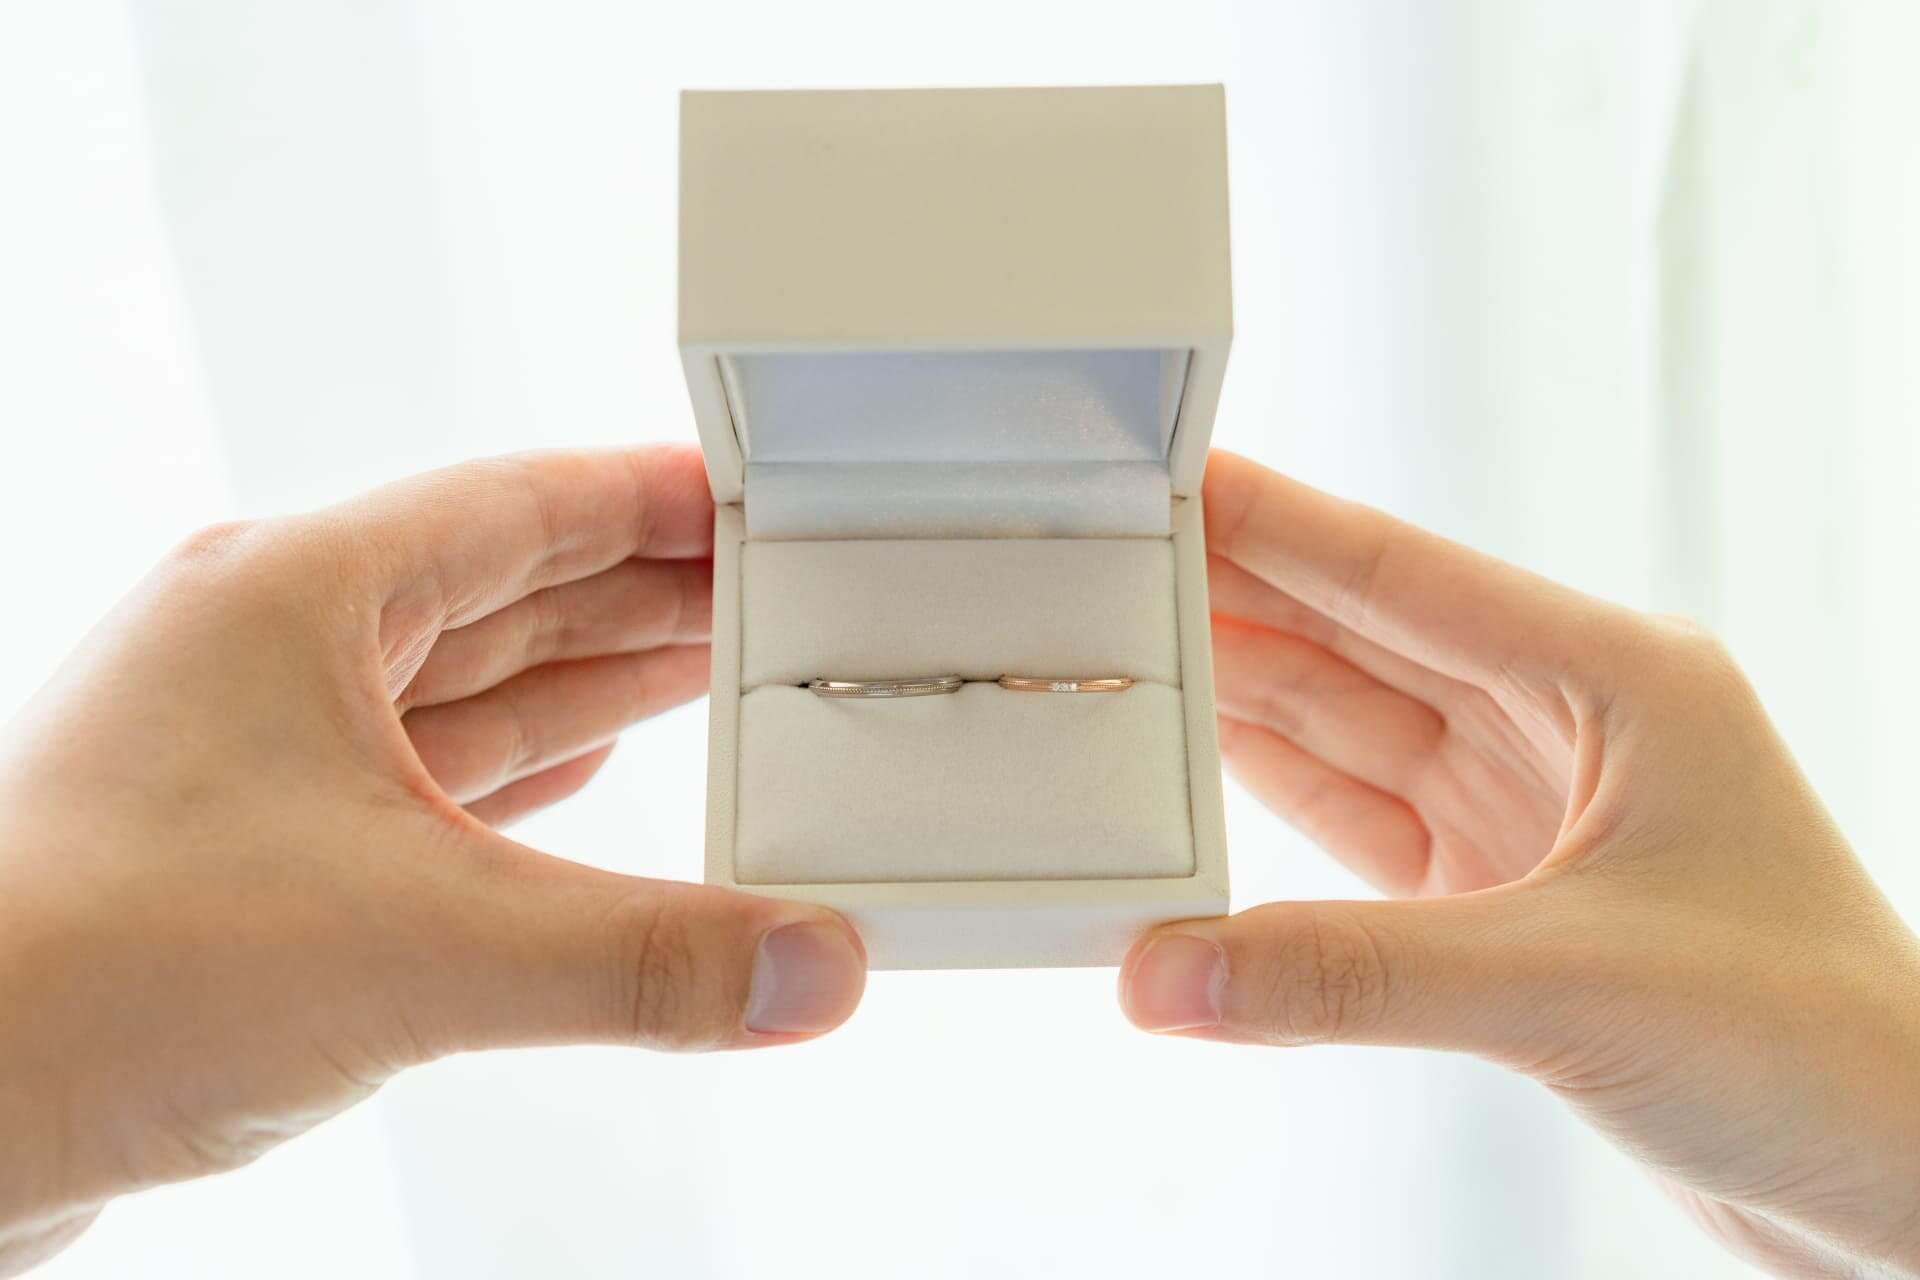 結婚占い|婚活中の人は必見!結婚を引き寄せるあなたがアピールすべき魅力